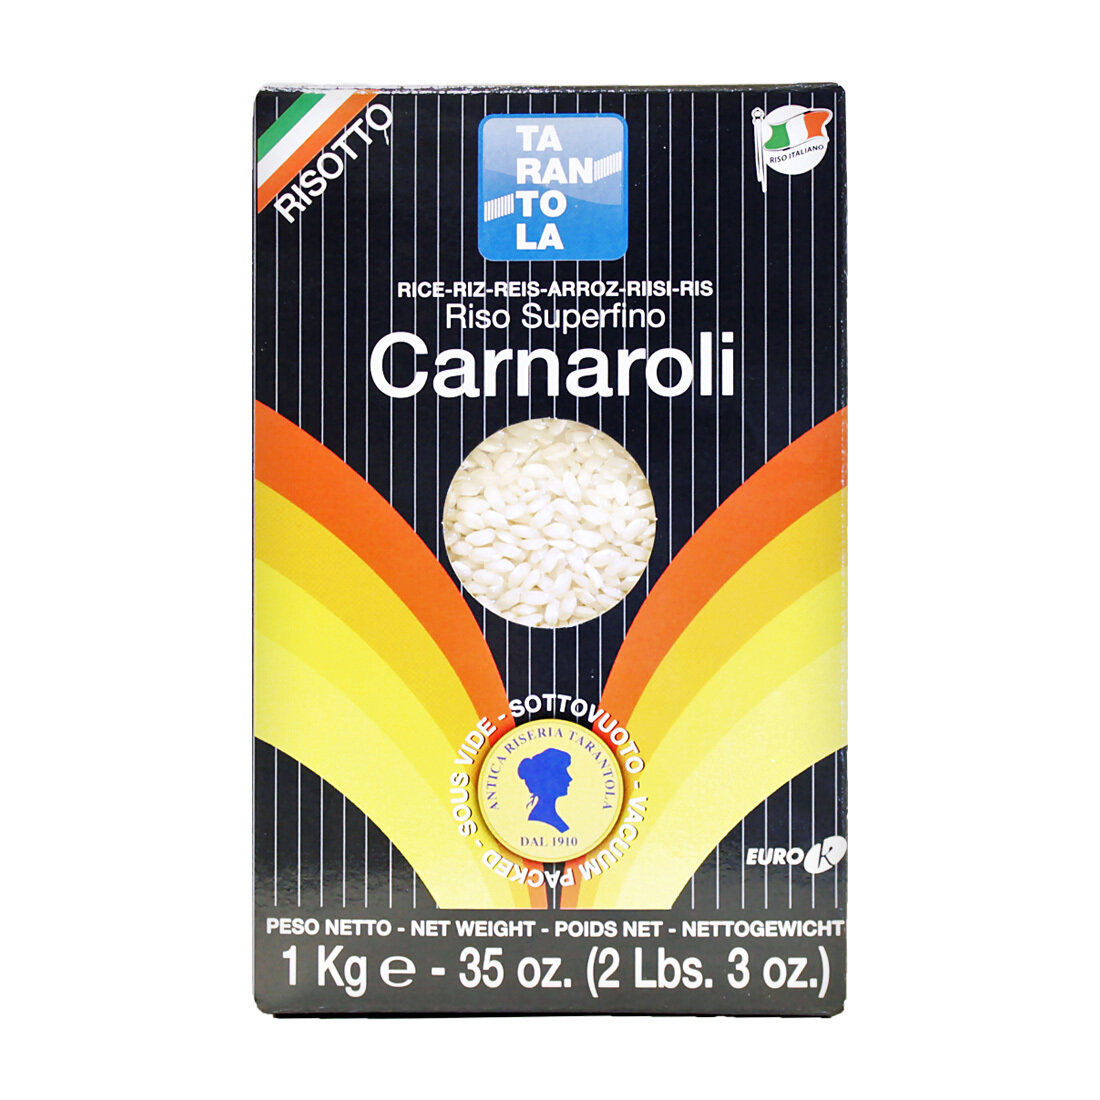 Carnaroli Riisi | Carnaroli Rice | TARANTOLA | 1 KG